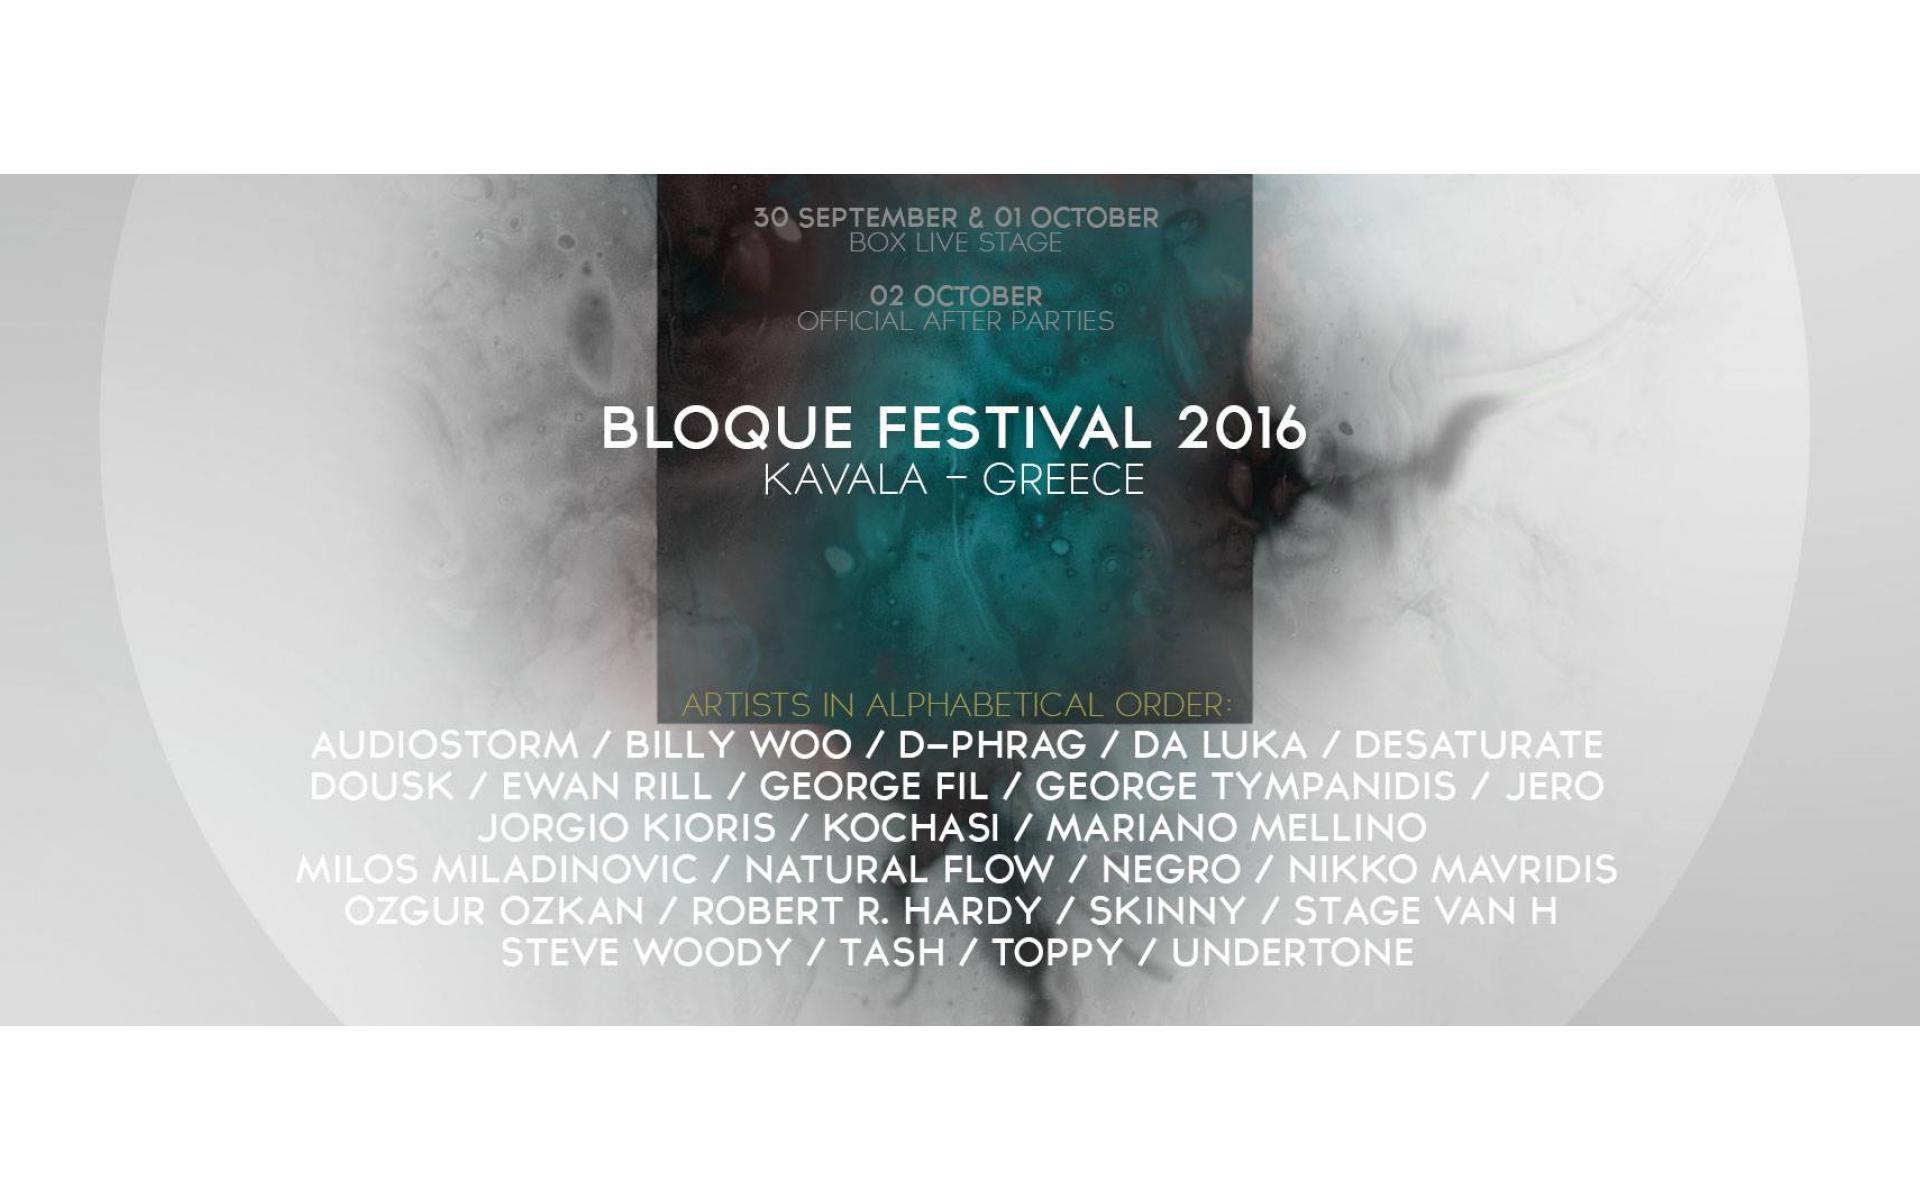 Bloque Festival 2016